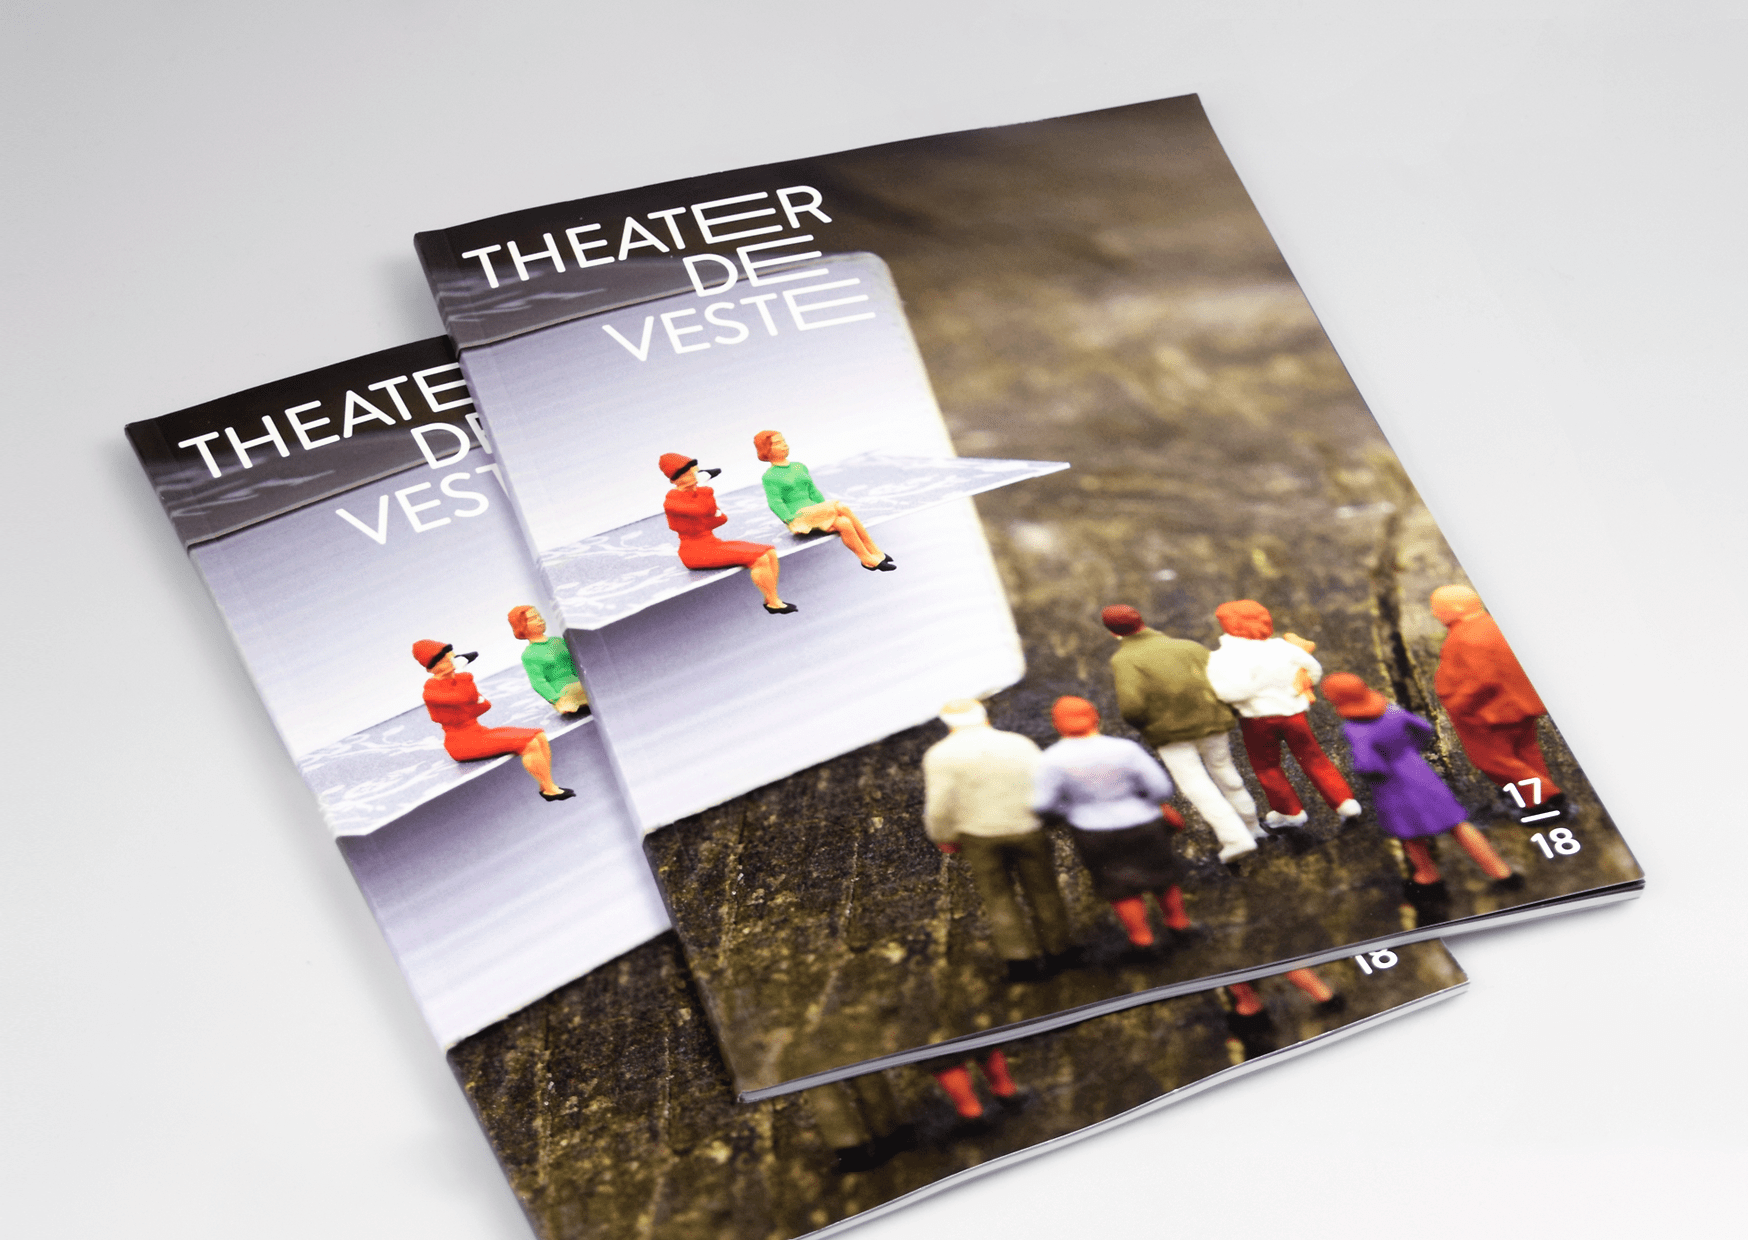 Theater de Veste, Studio Enkelvoud, Grafisch ontwerp, Brochure, Fotografie, Miniatuur